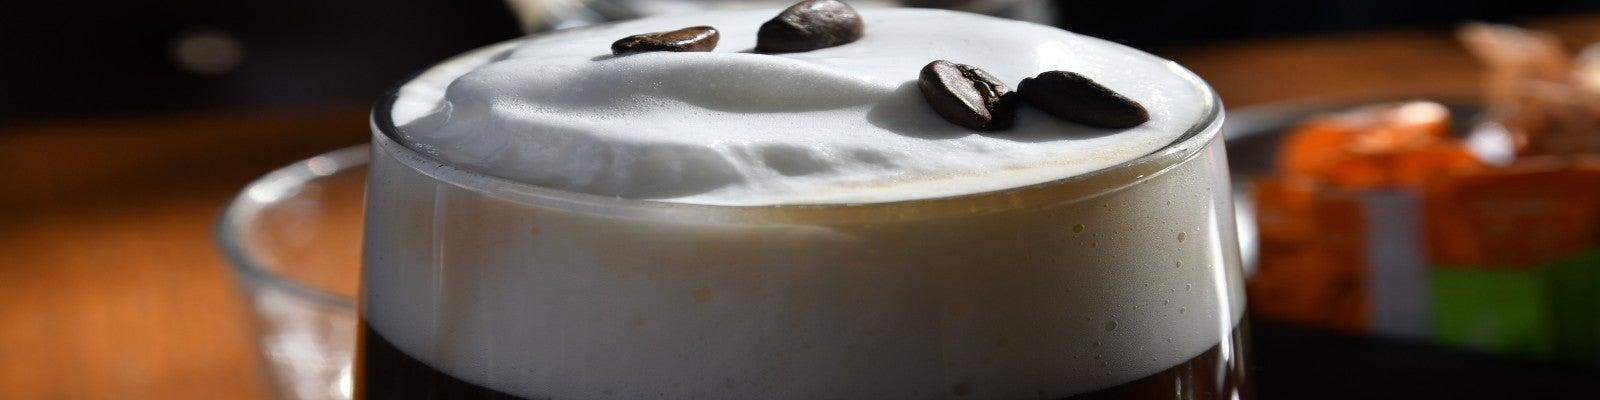 An Irish coffee in a glass